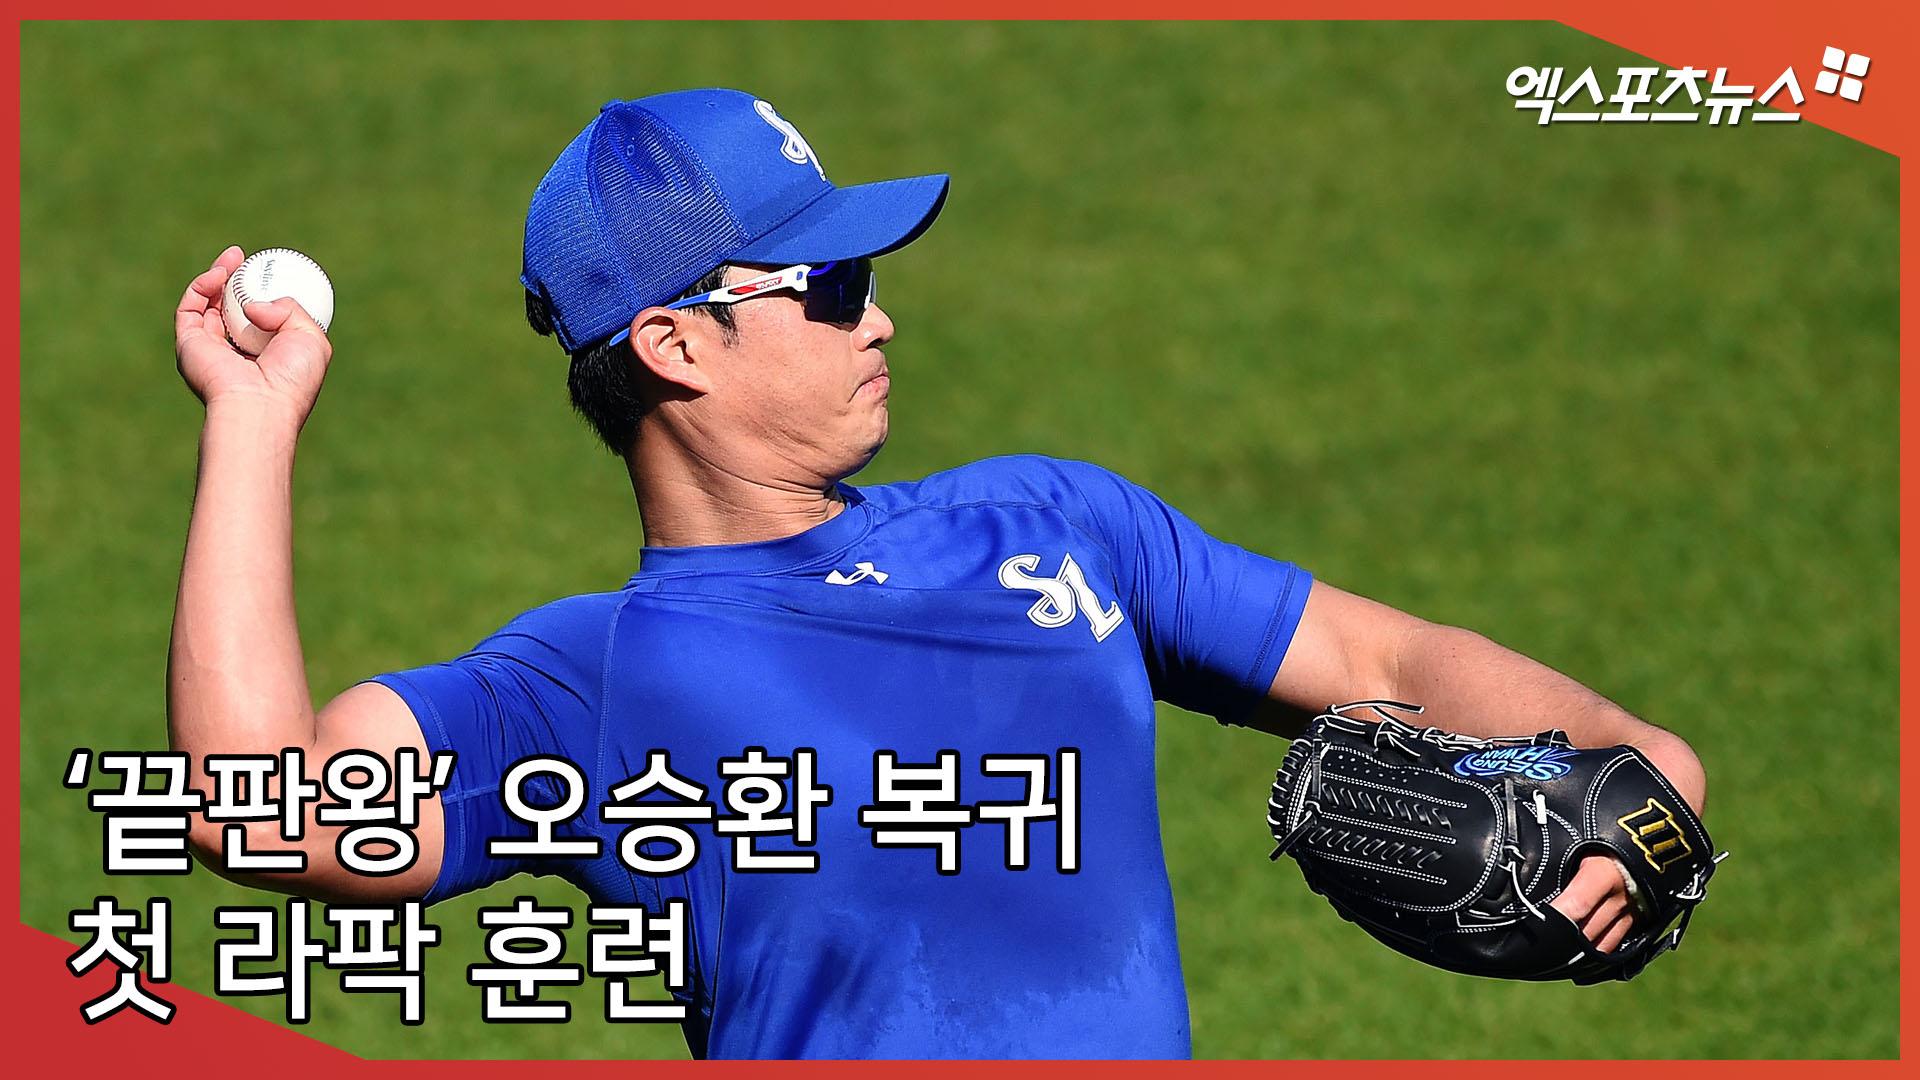 '끝판왕' 오승환 7년 만의 복귀, 라팍은 처음이지?[엑's TV]